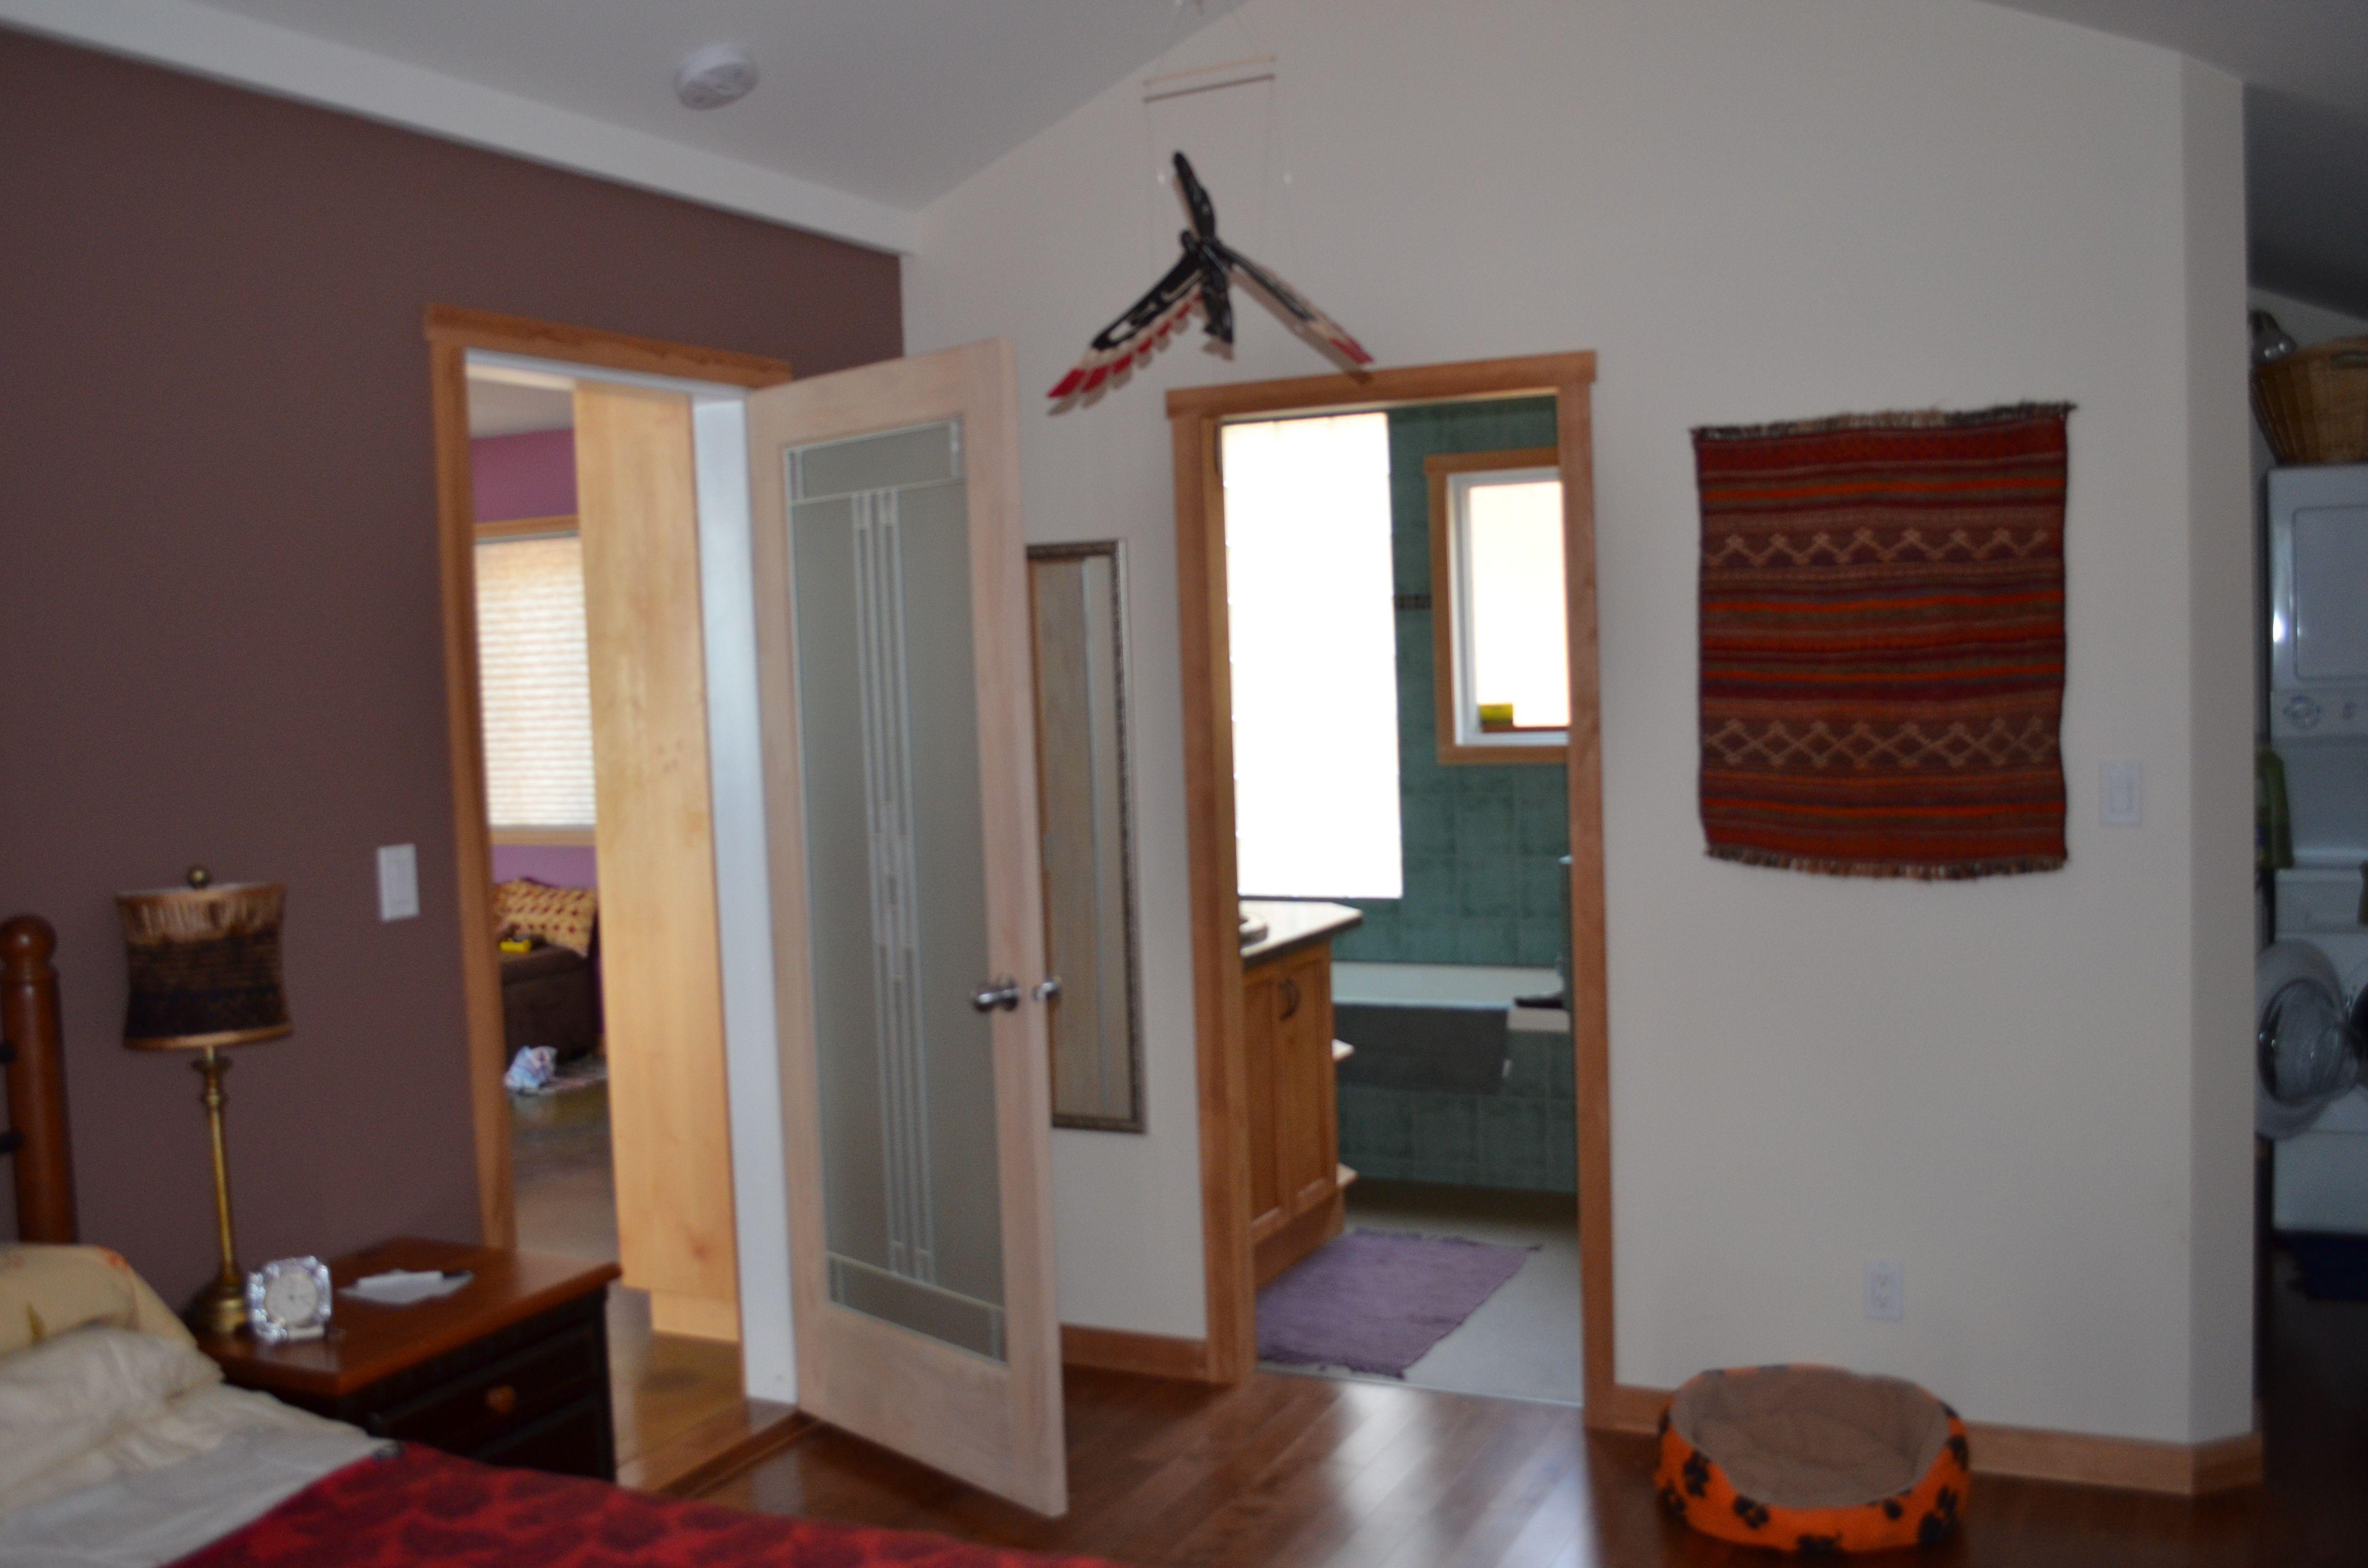 Single car garage conversion into bedroom, bathroom